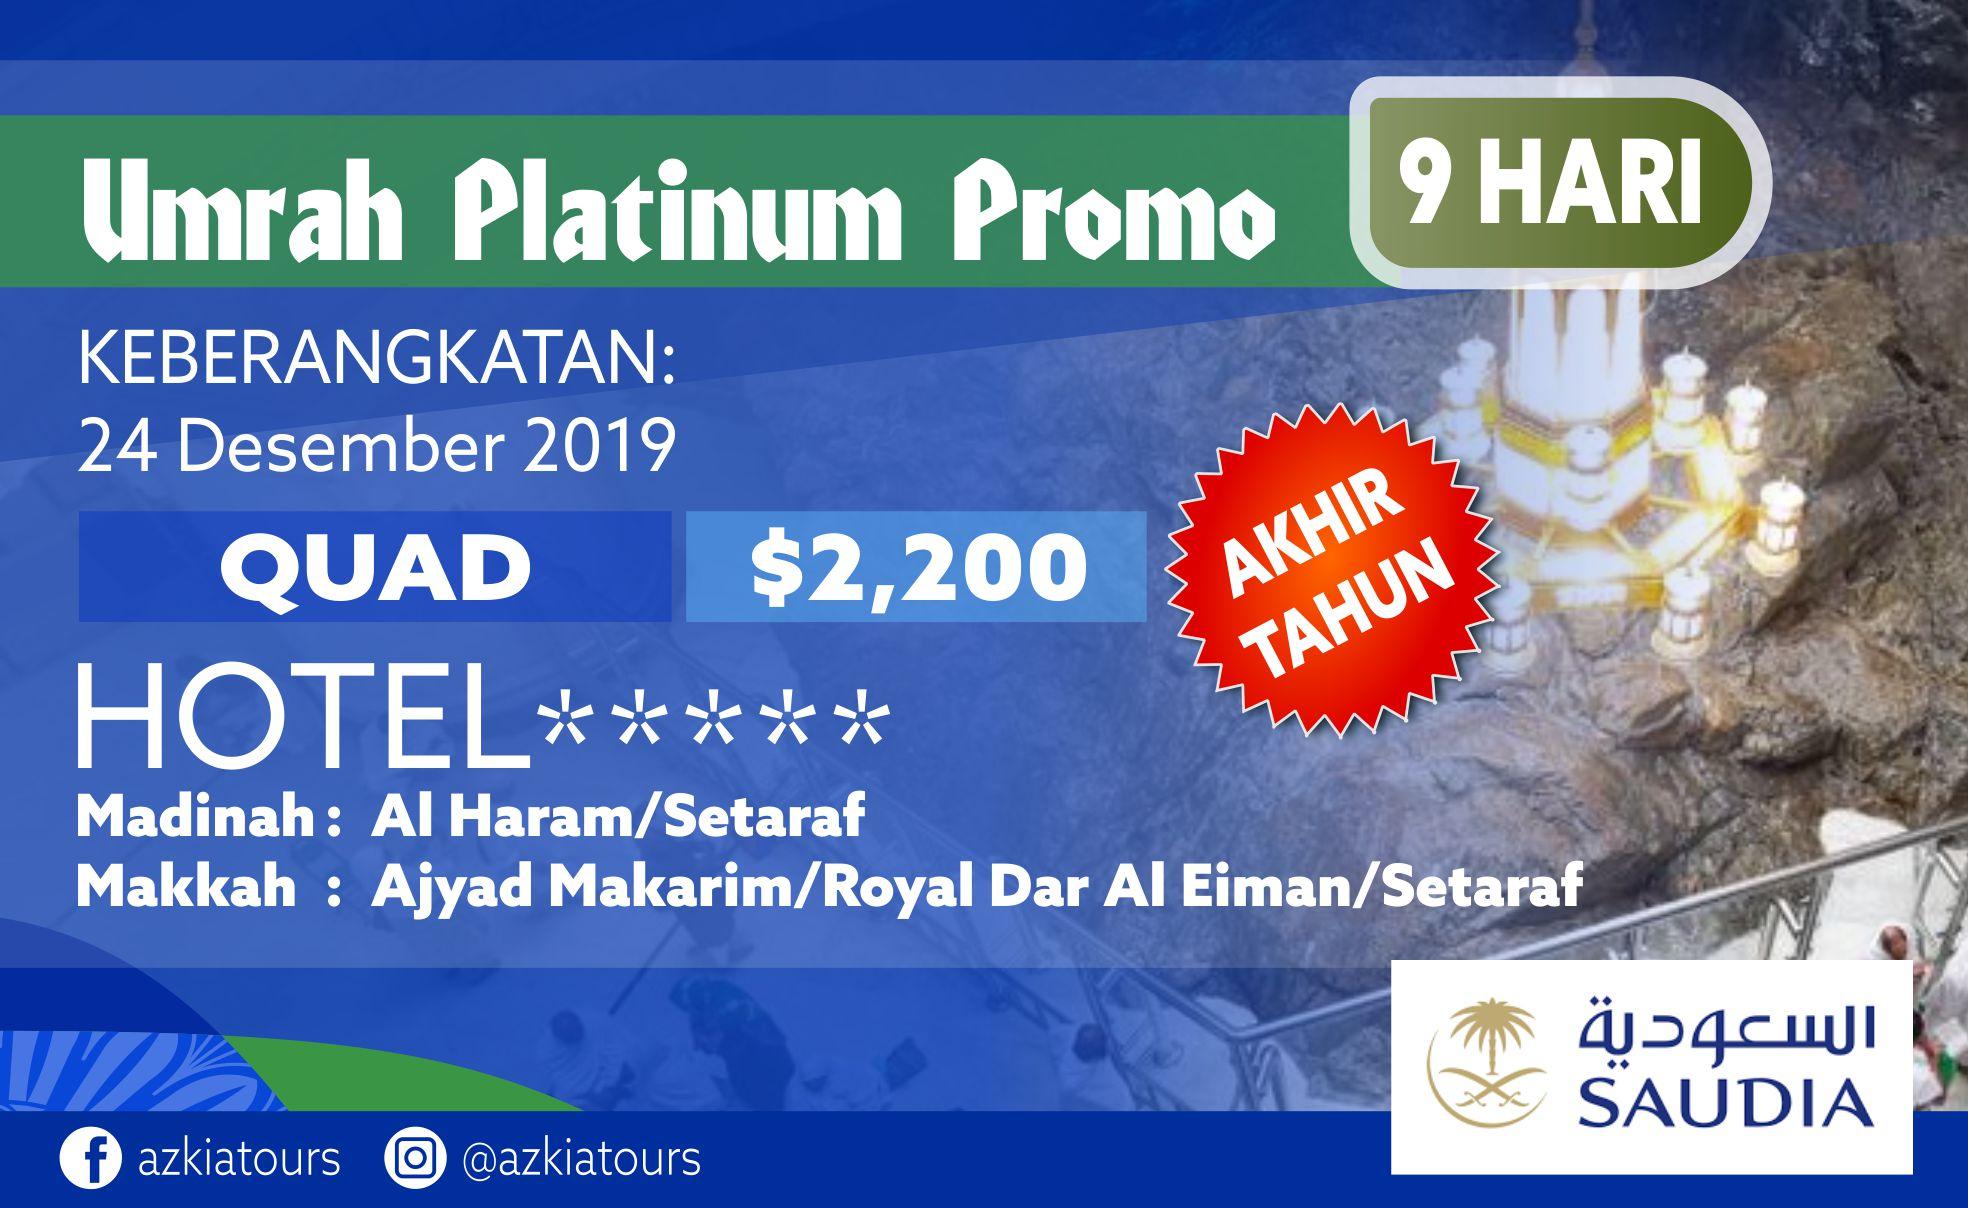 Umrah Platinum Promo